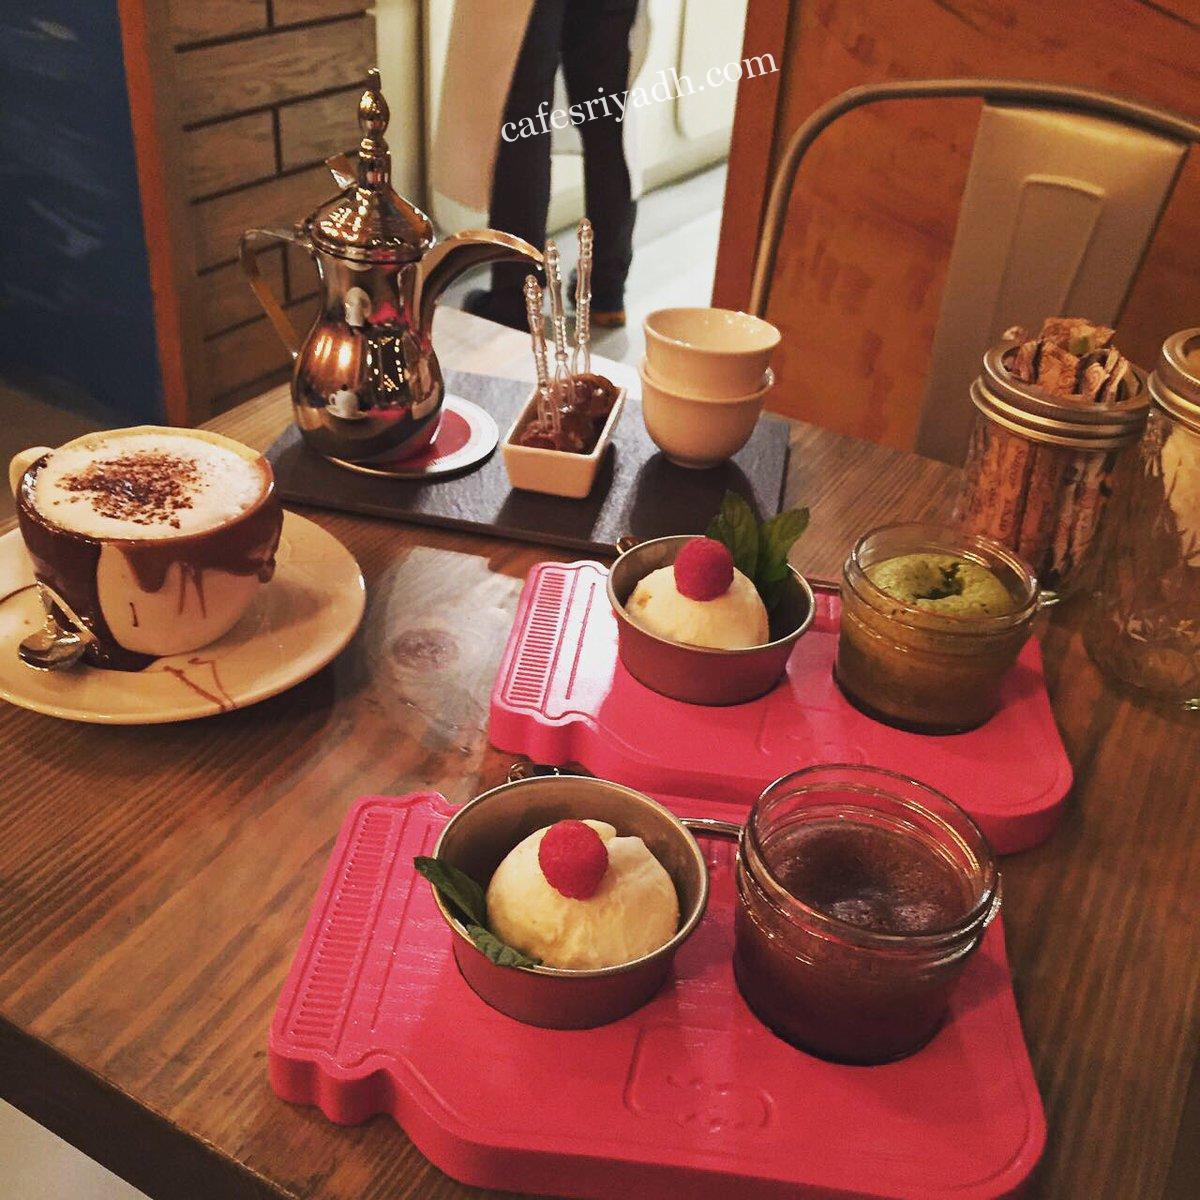 Garlicious Cafe